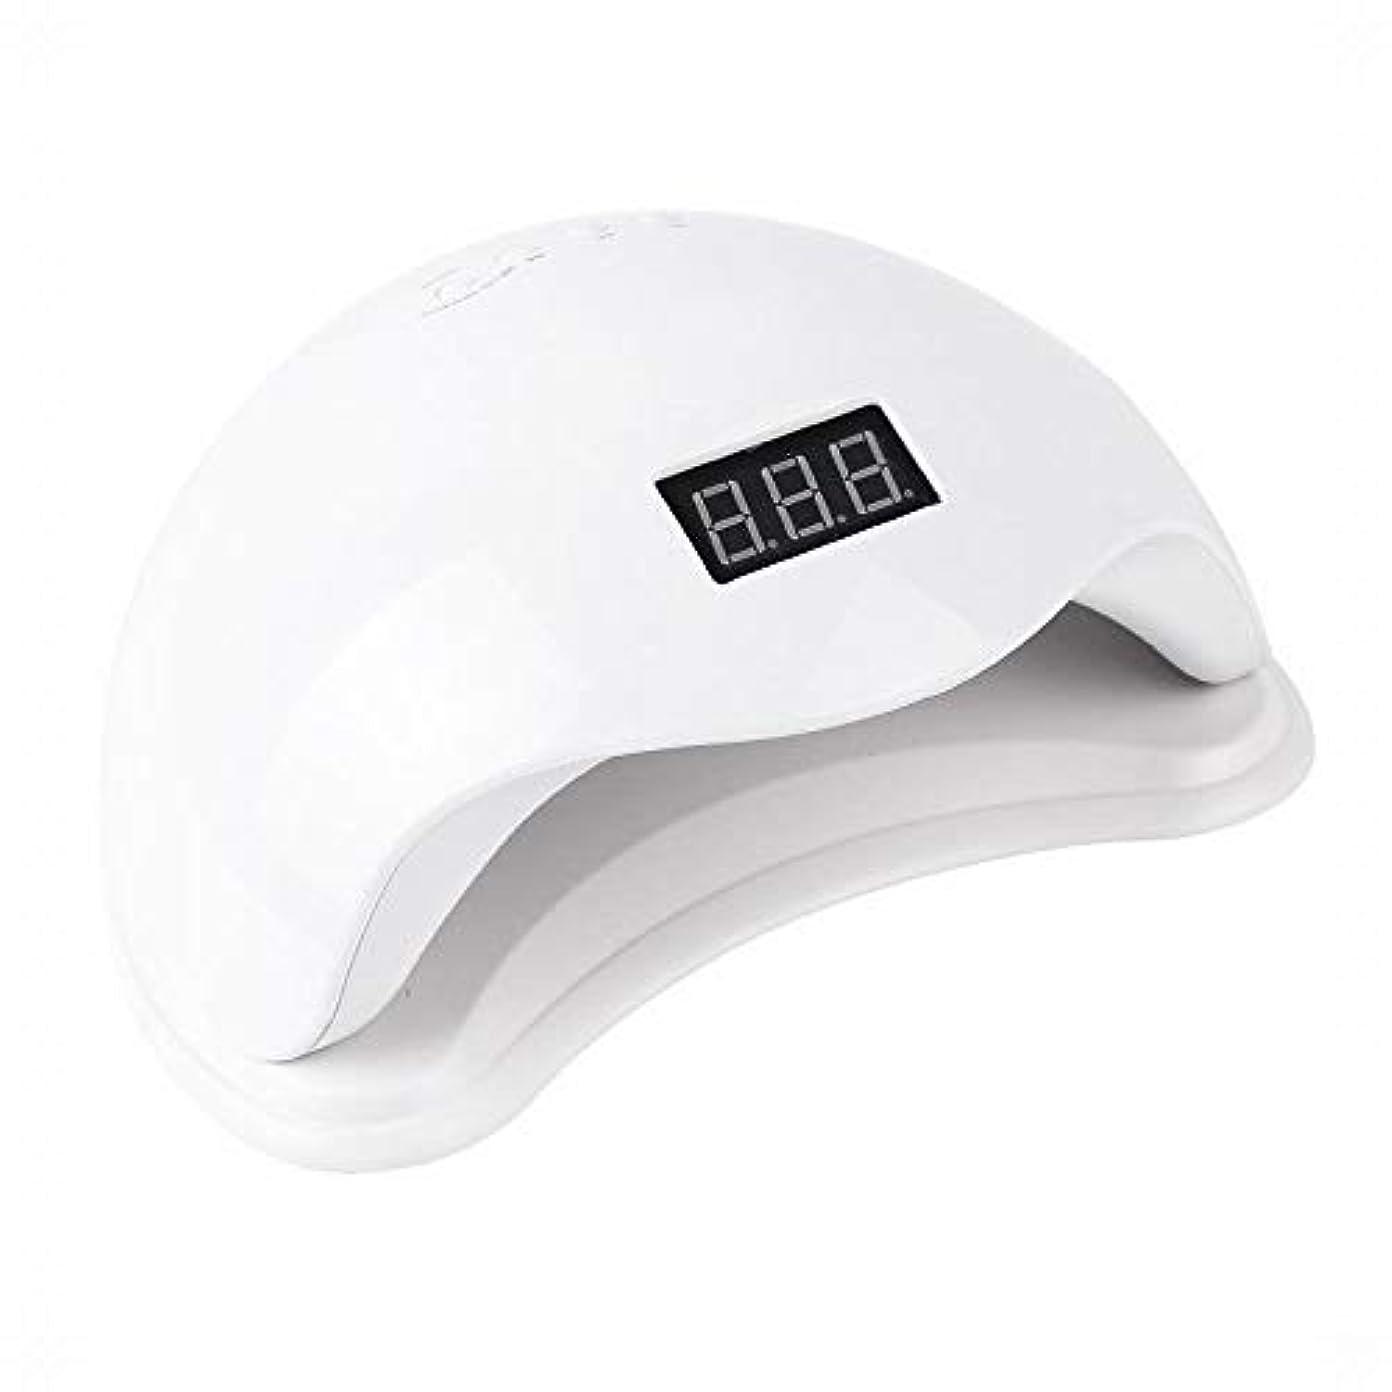 責任者ガラガラ全国YESONEEP 48ワットネイル光線療法機誘導速乾性無痛ネイルランプUV光線療法ランプLED (Size : 48W)